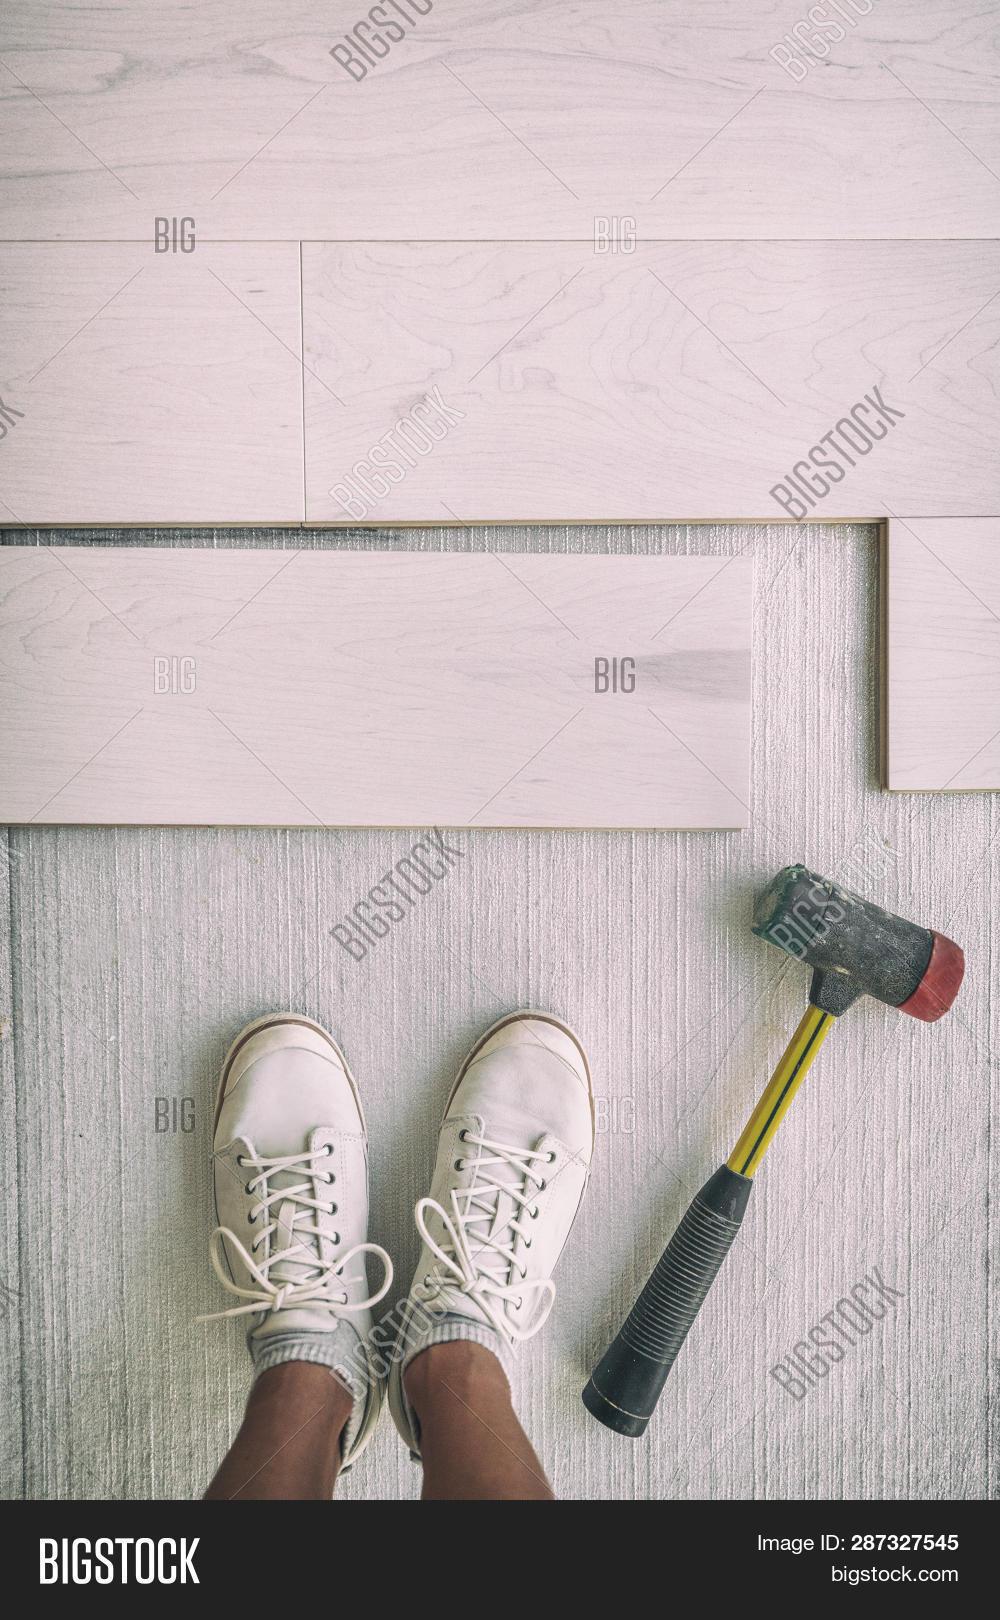 Engineered Wood Floor Image Photo